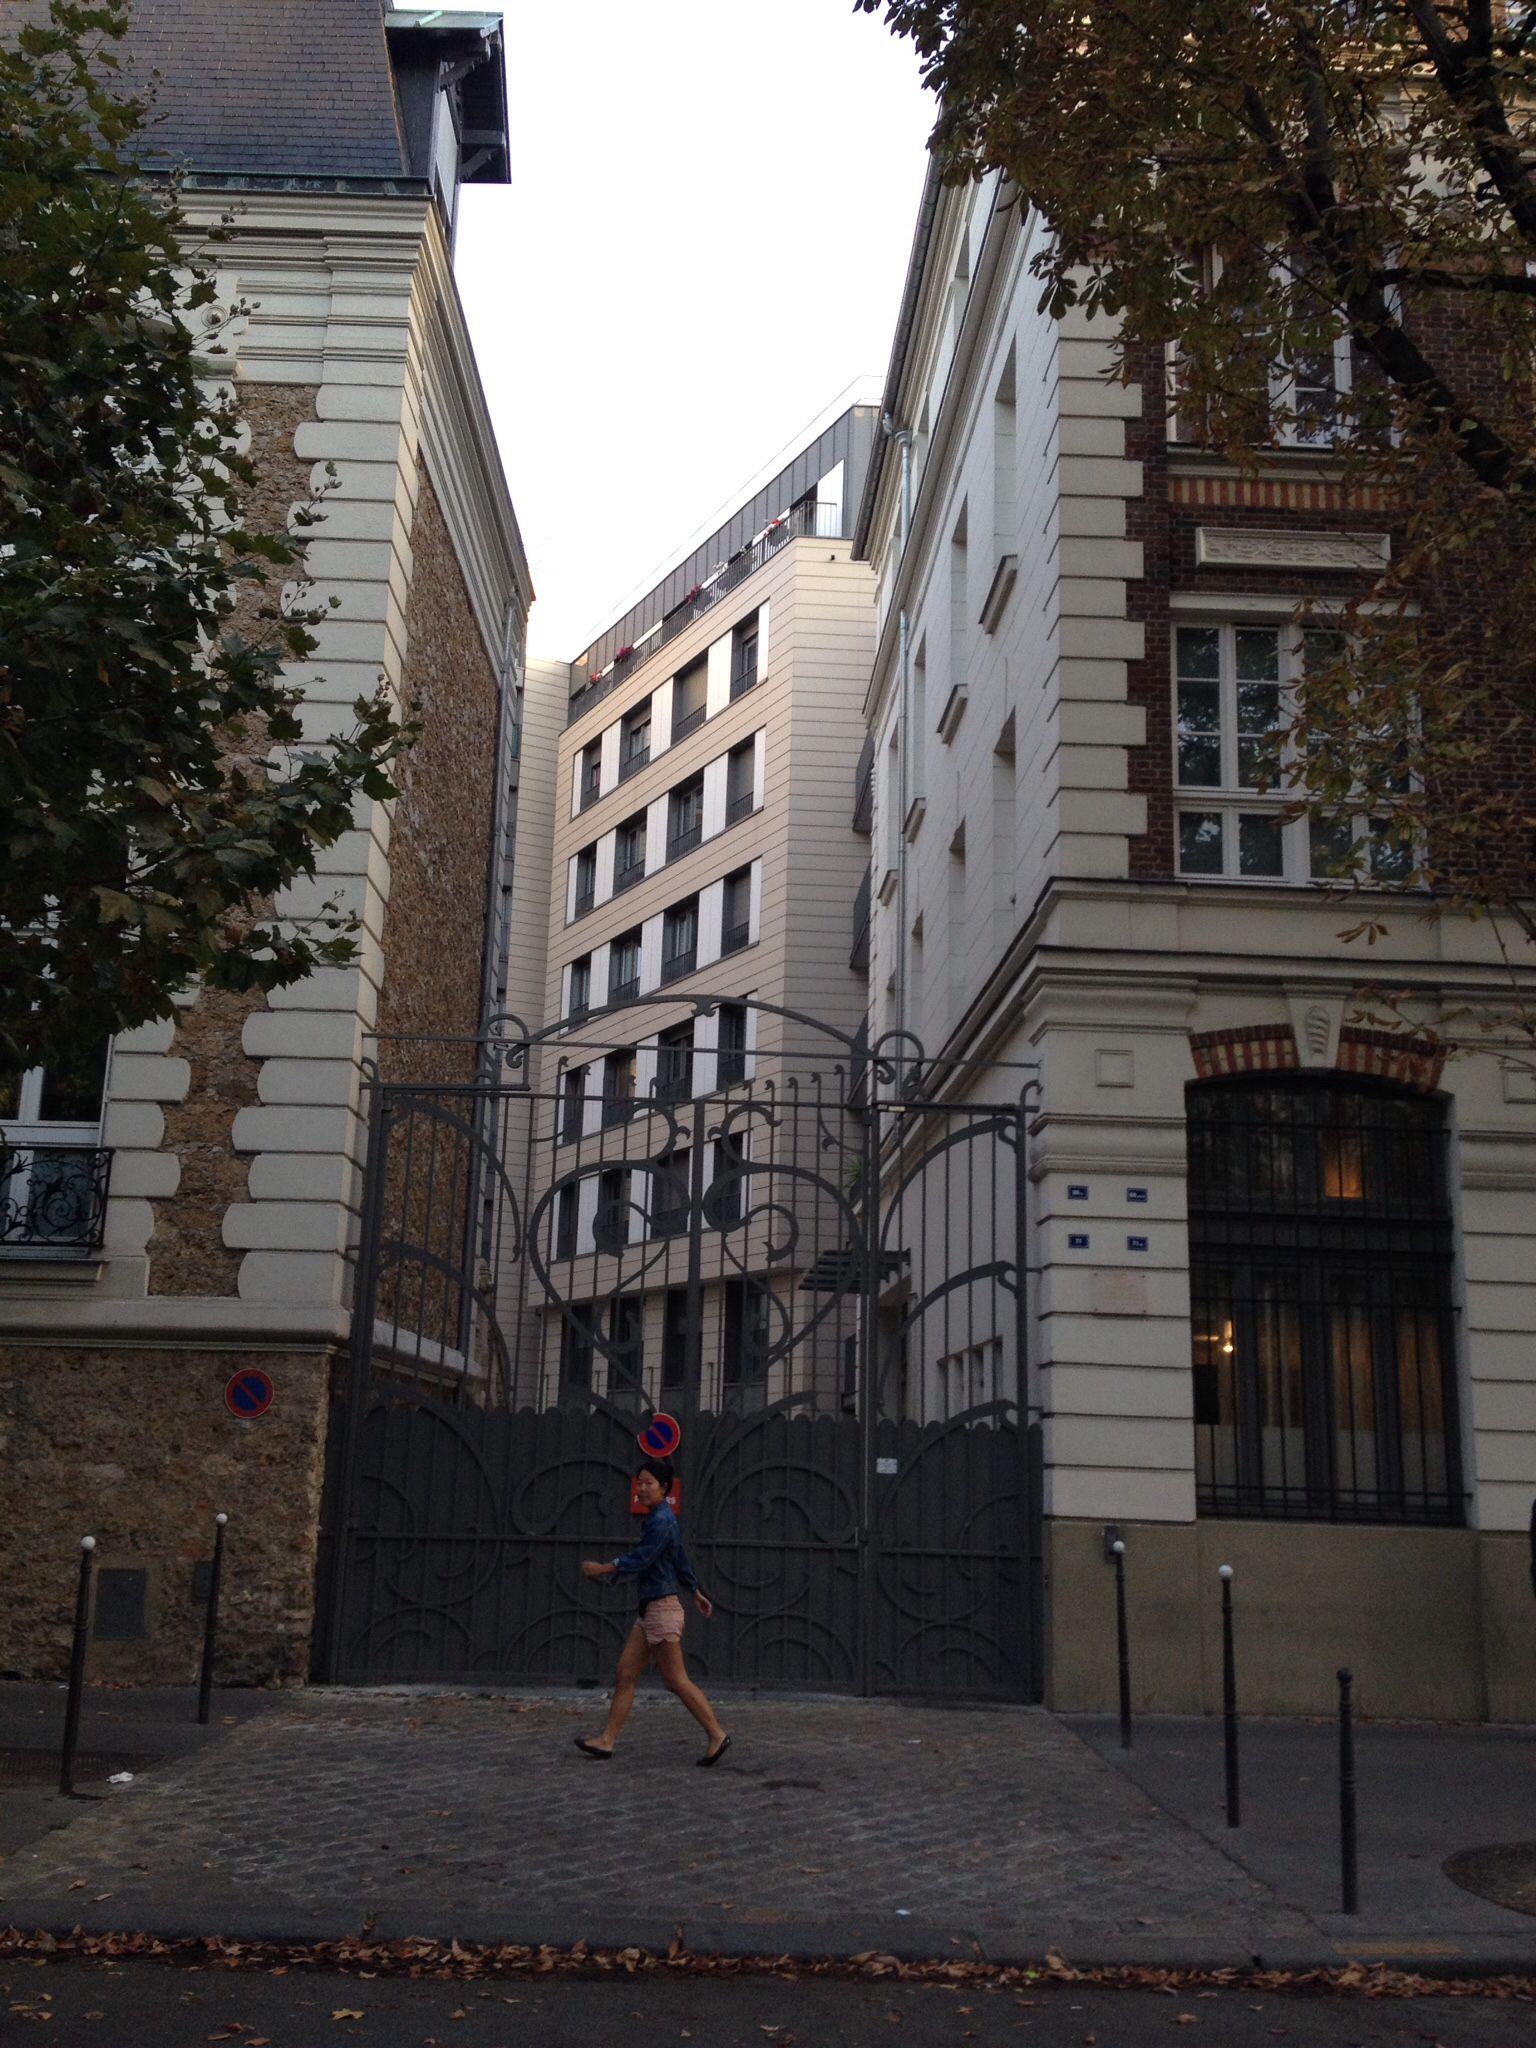 Paris House photo by Nurcan Eldem